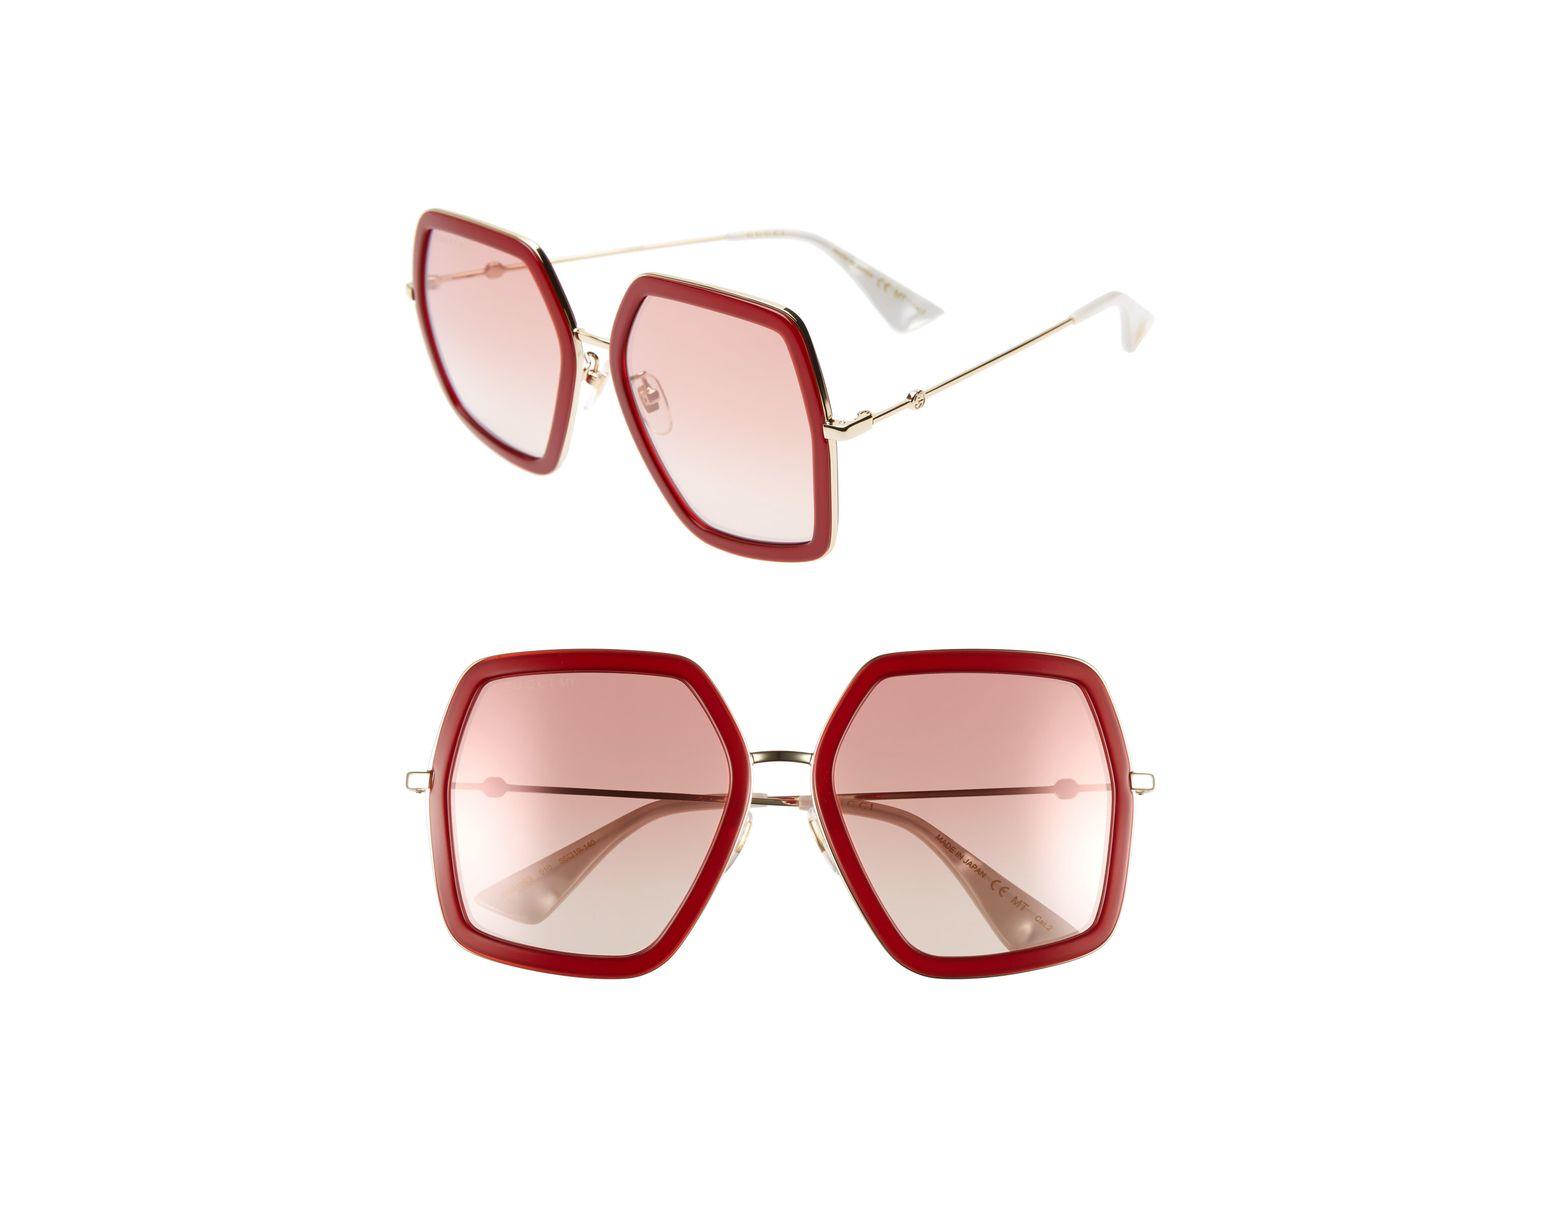 67aaab4097938 Gucci 56mm Sunglasses - Shiny Endura Gld pk Grad Mir in Red - Lyst